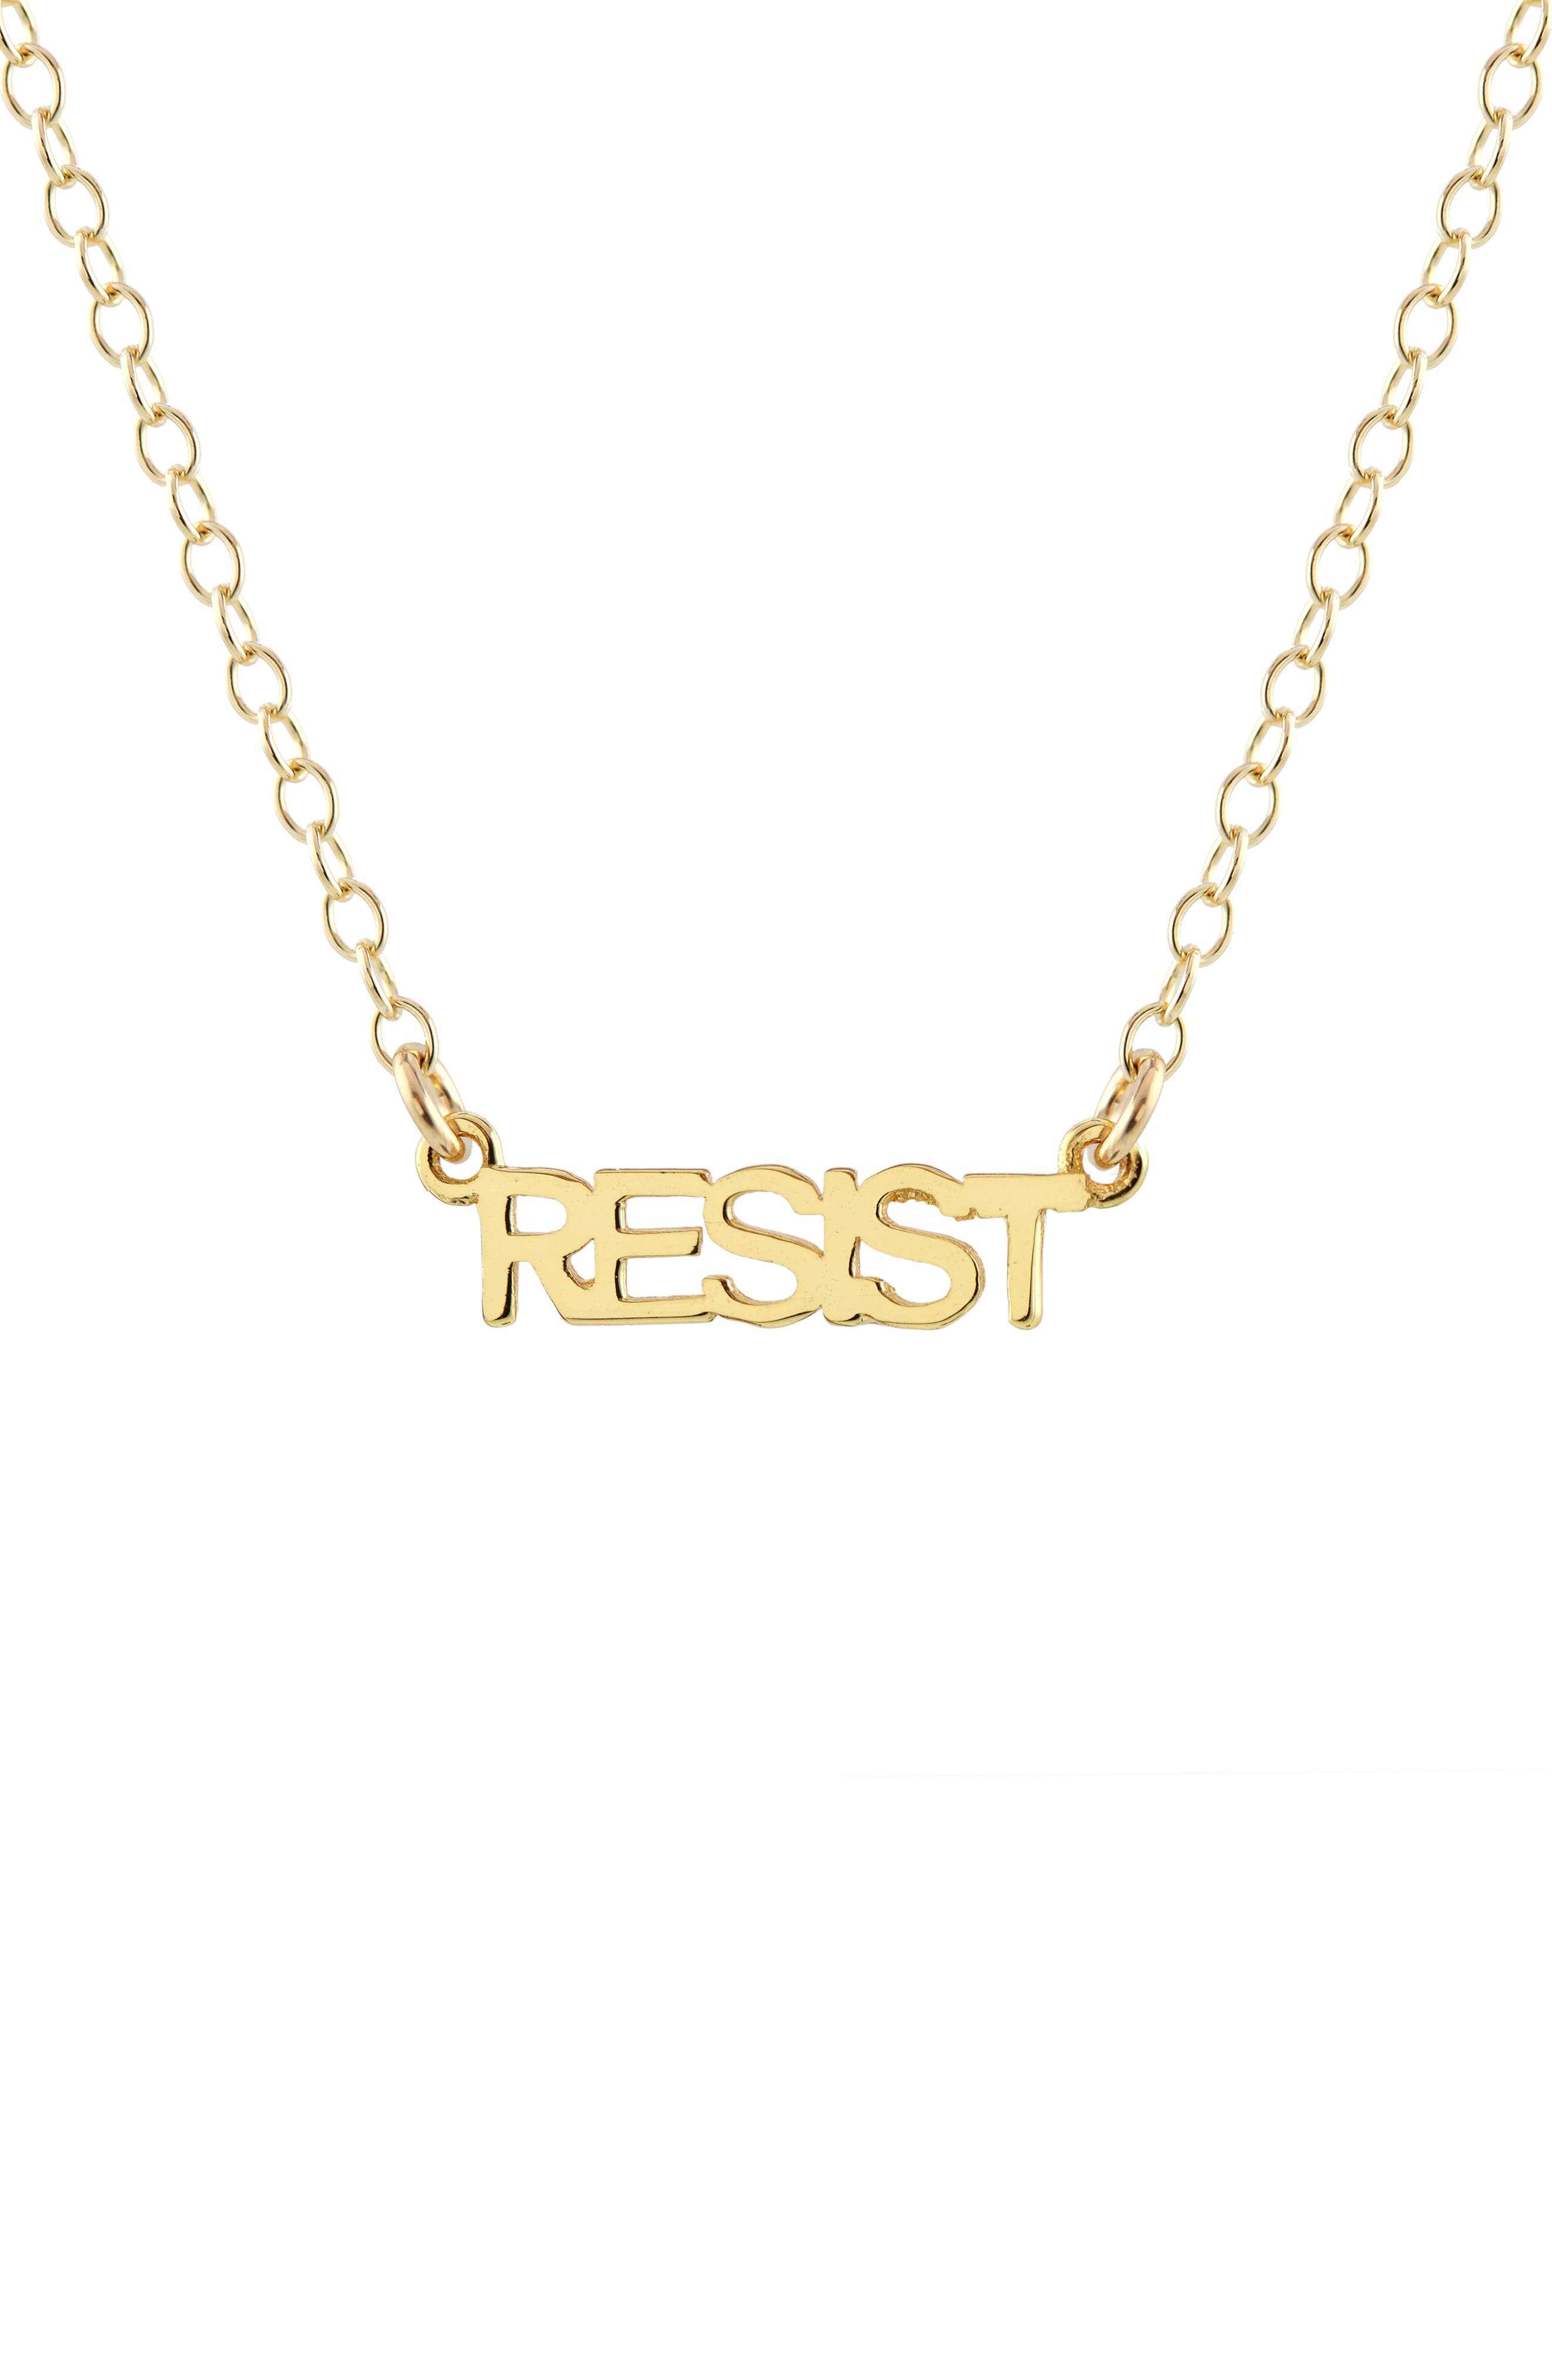 Resist Script Necklace,                             Main thumbnail 1, color,                             Gold